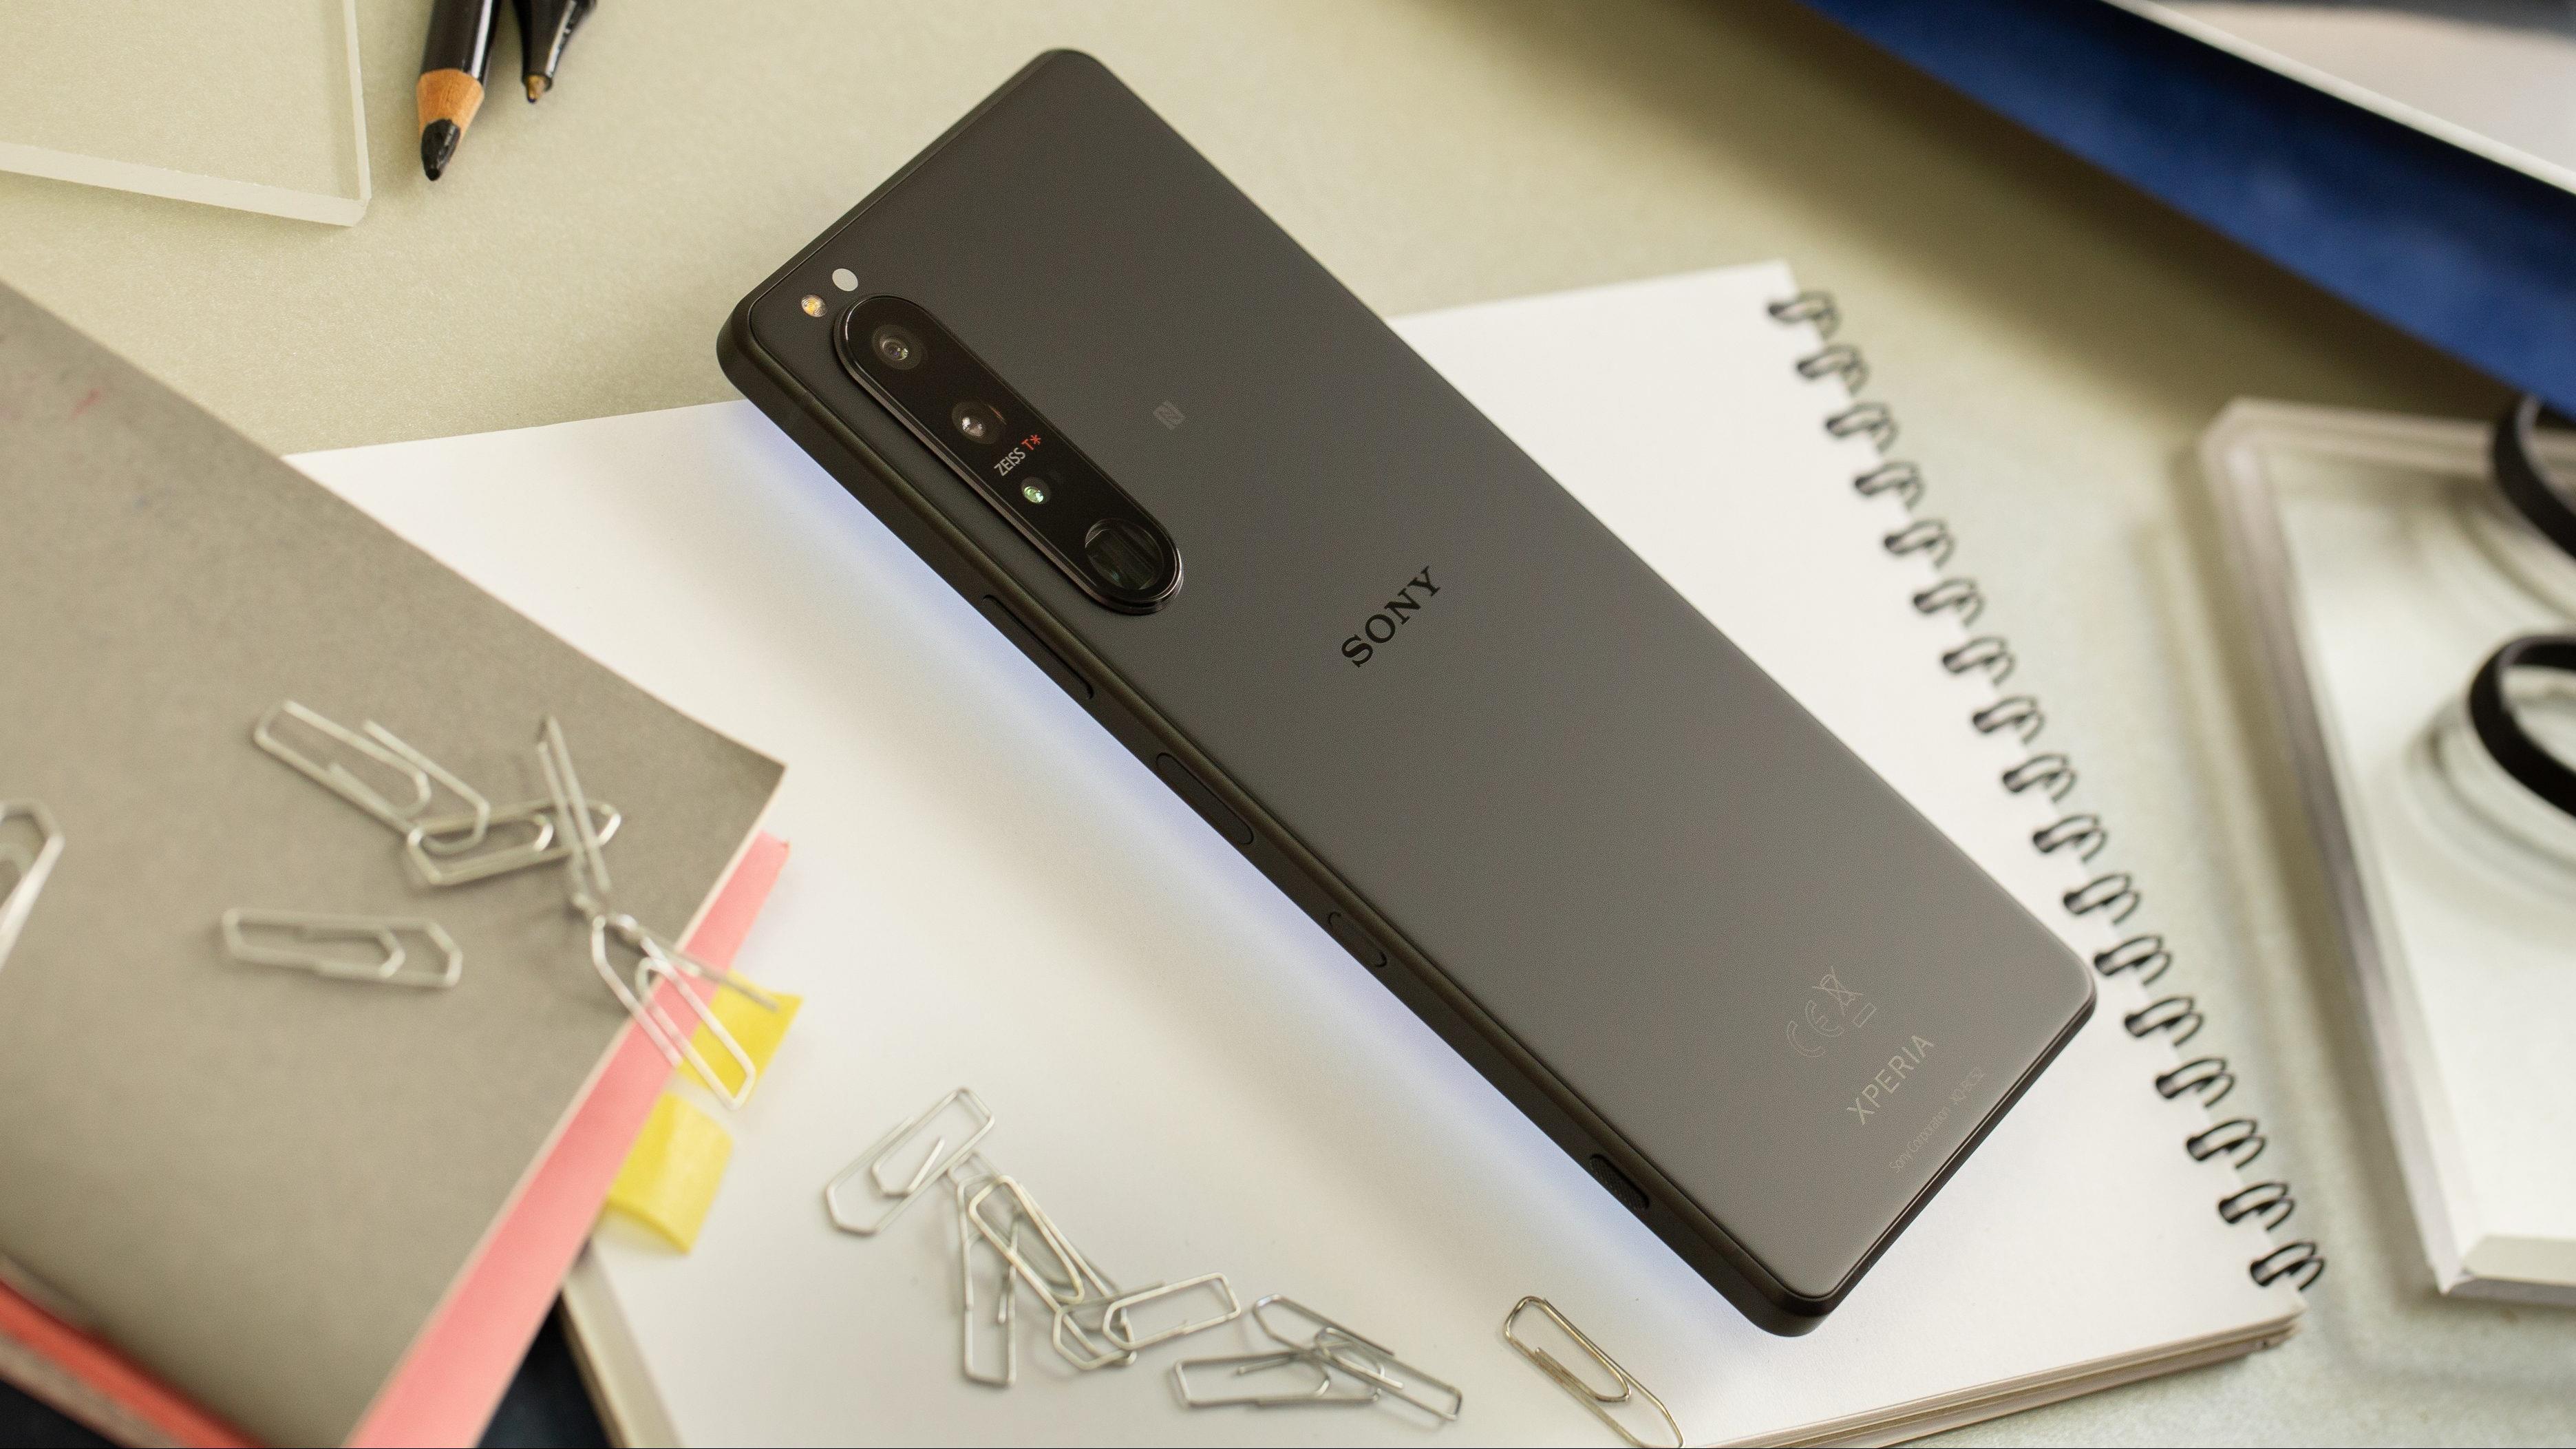 Rejtélyes Sony Xperia okostelefon érkezik